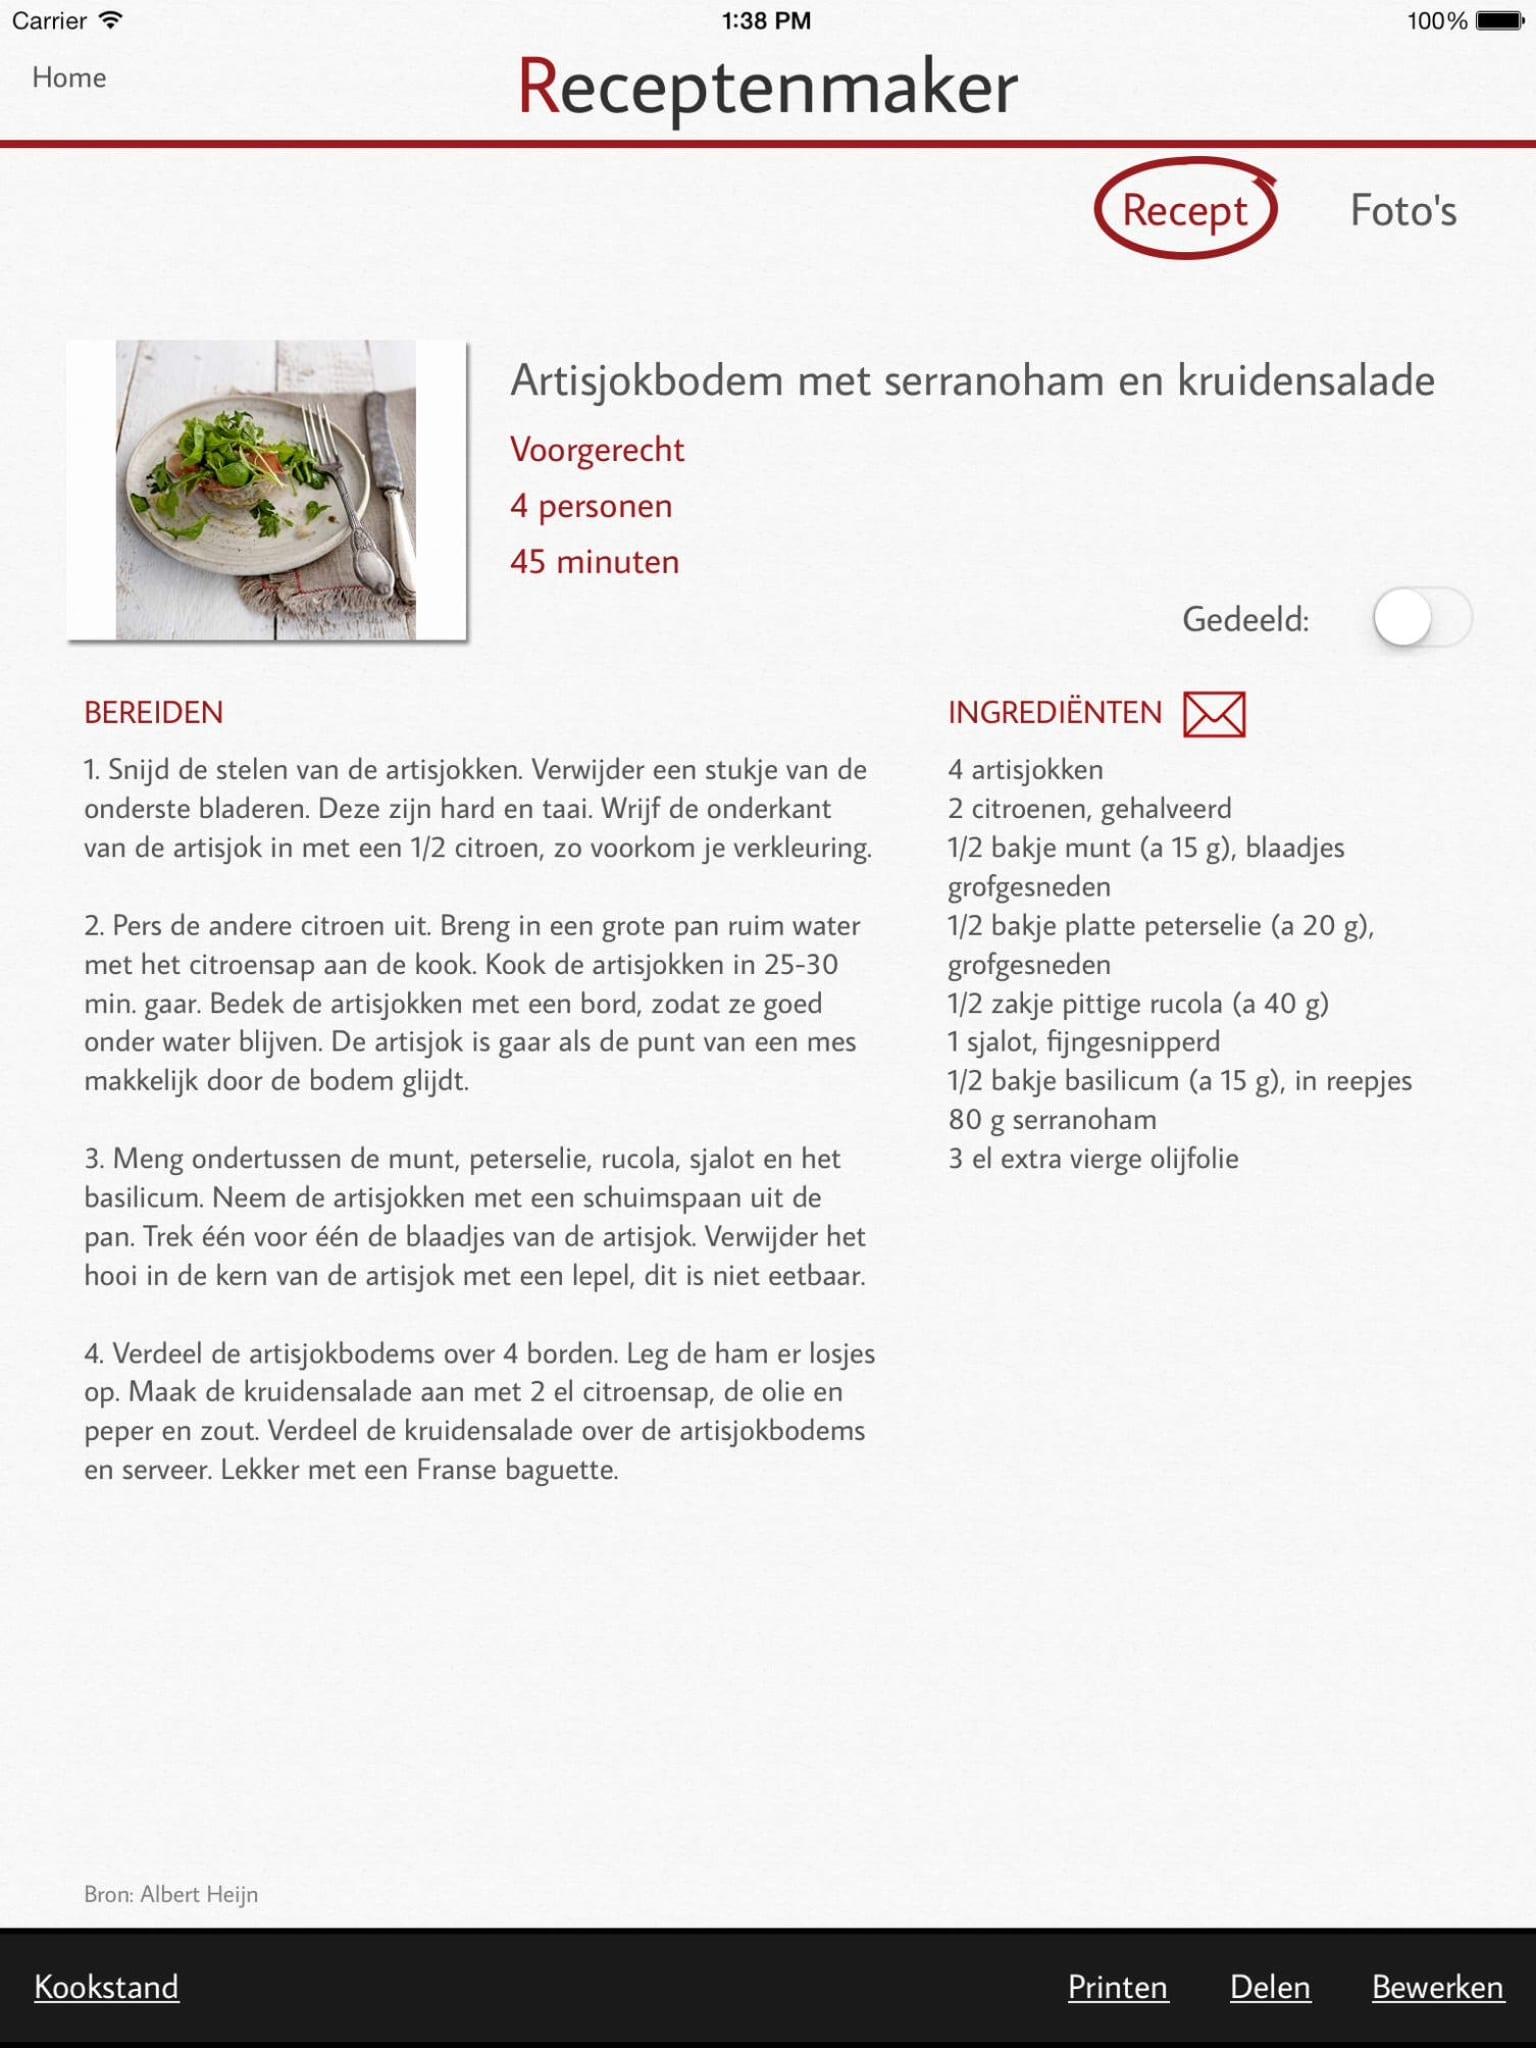 Wonderlijk Receptenmaker-app: Verzamel je favoriete recepten - Frankwatching TO-75